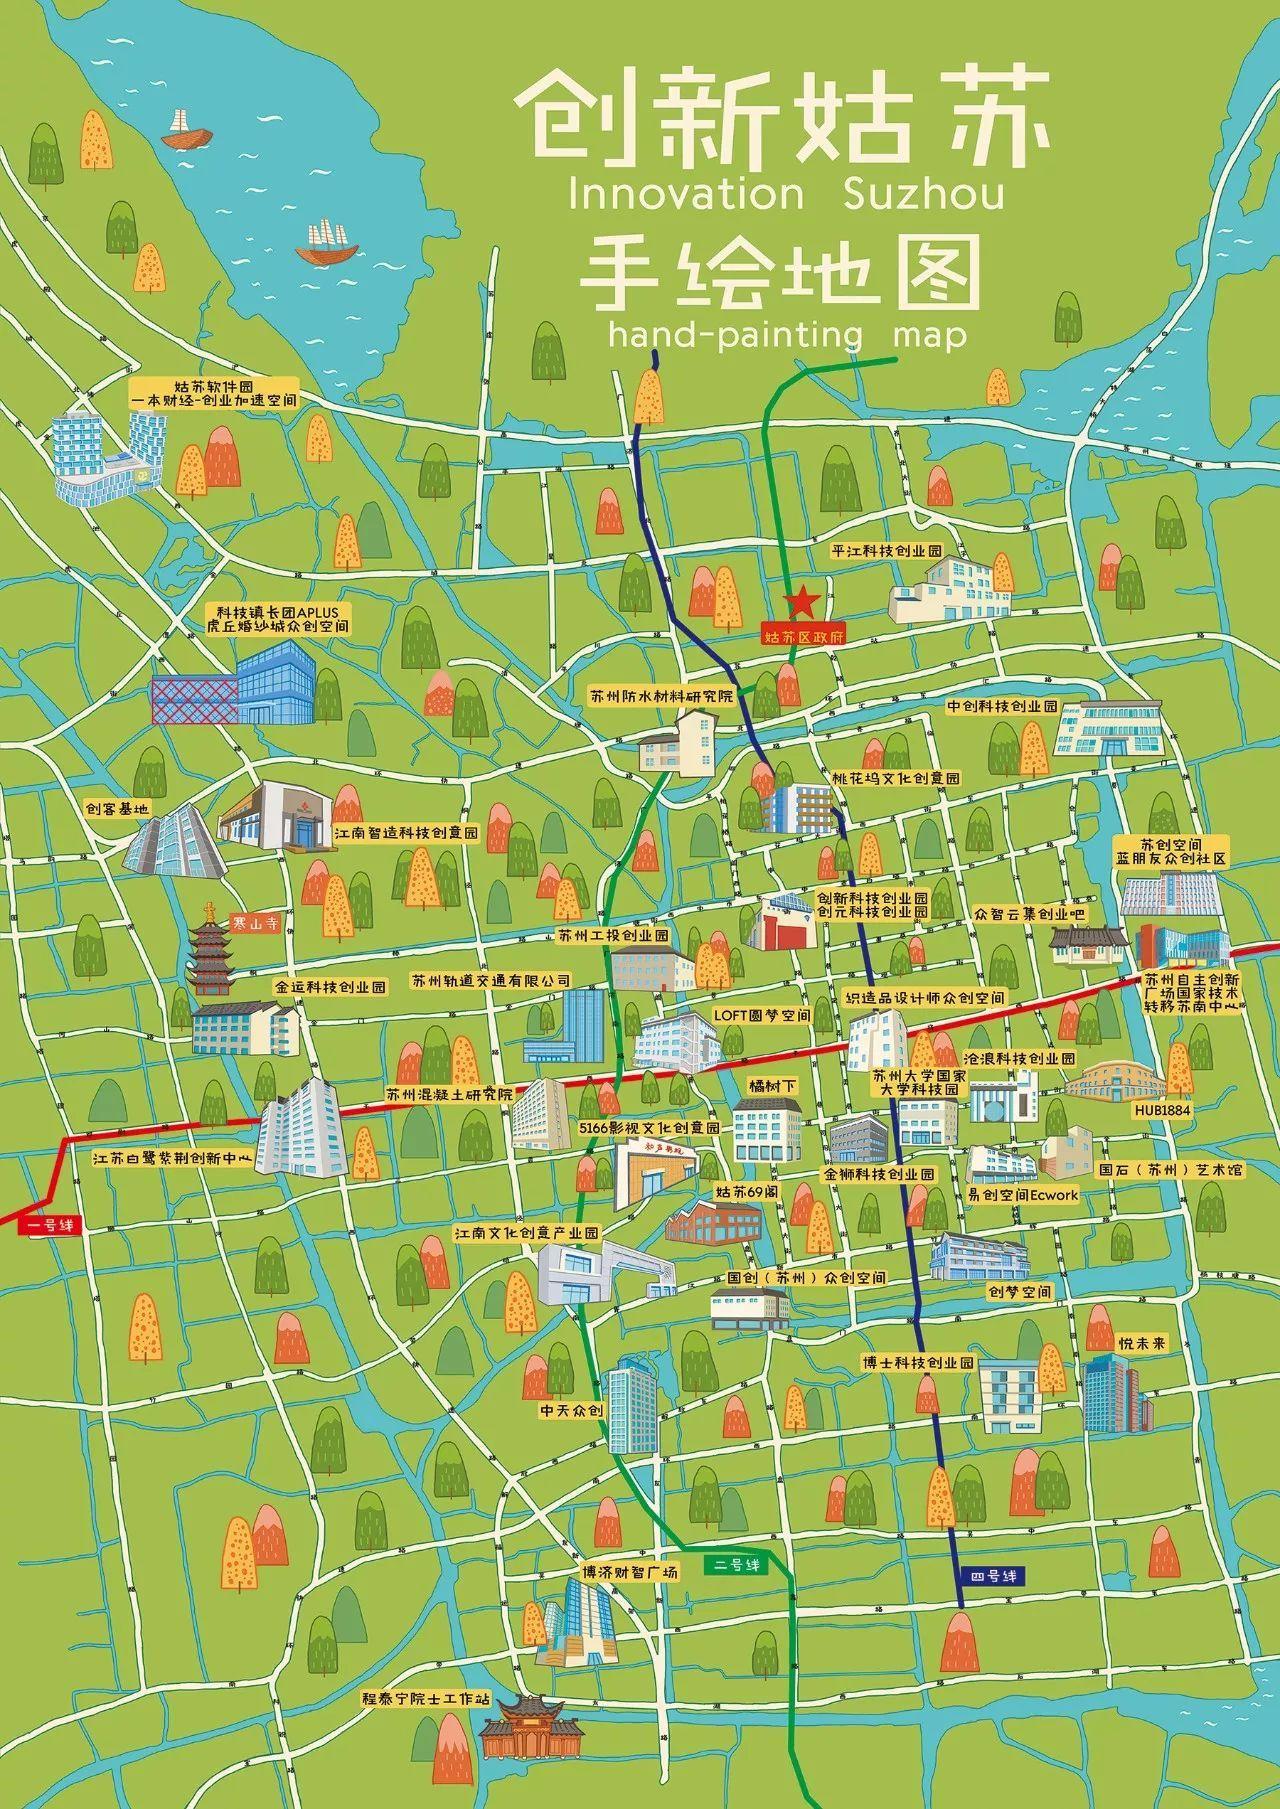 30幅手绘地图,让你看到一个不一样的姑苏区!